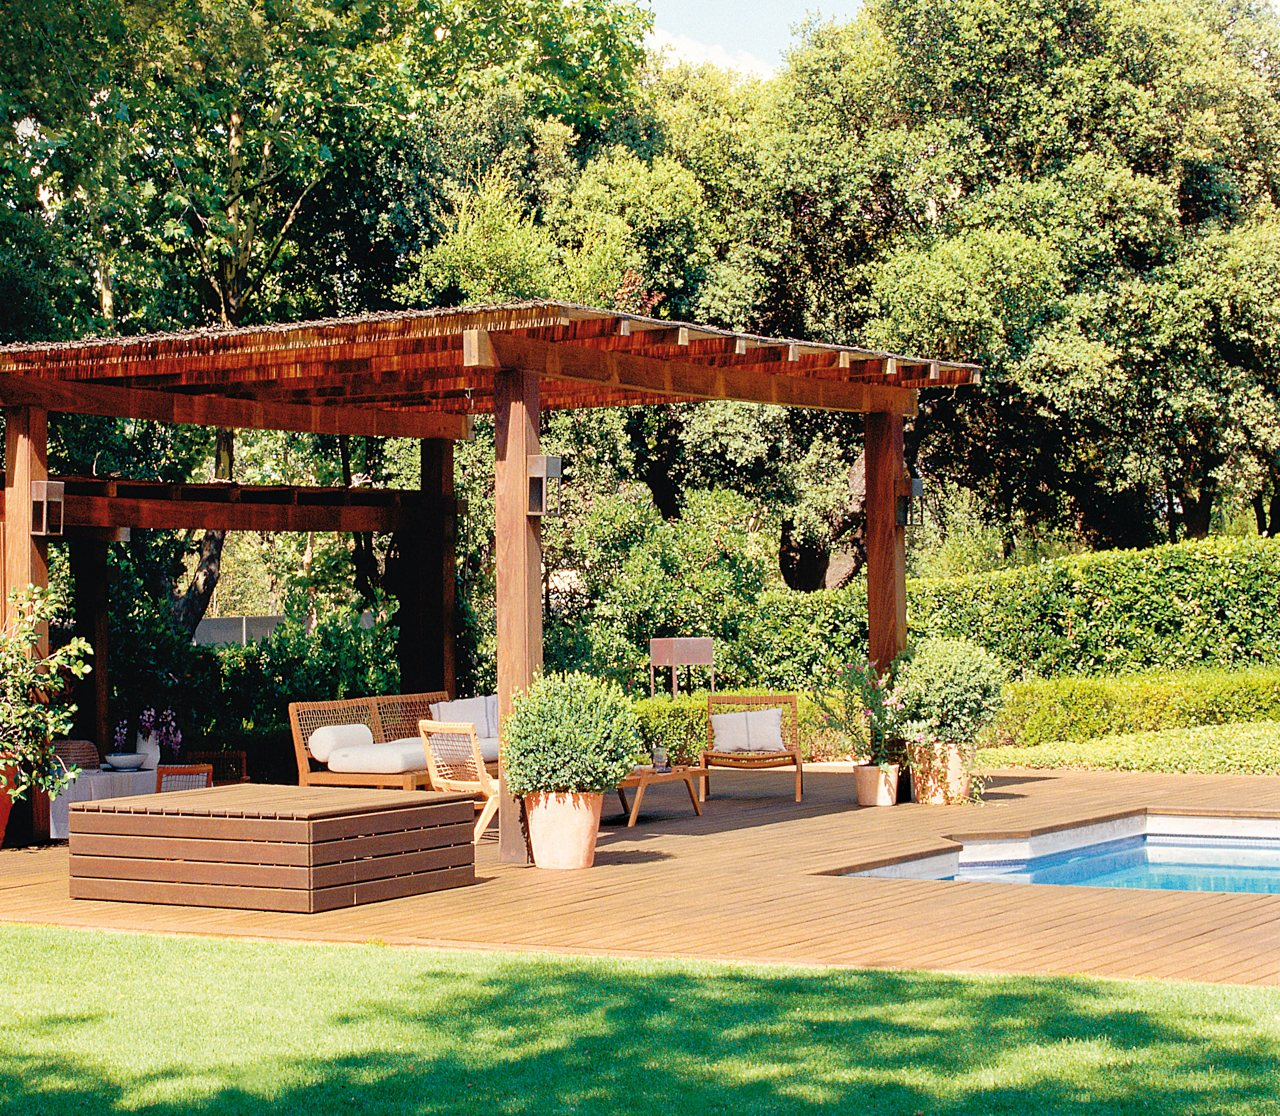 Las claves de 4 expertos para crear un jard n ideal for Fotos de casas grandes con piscina